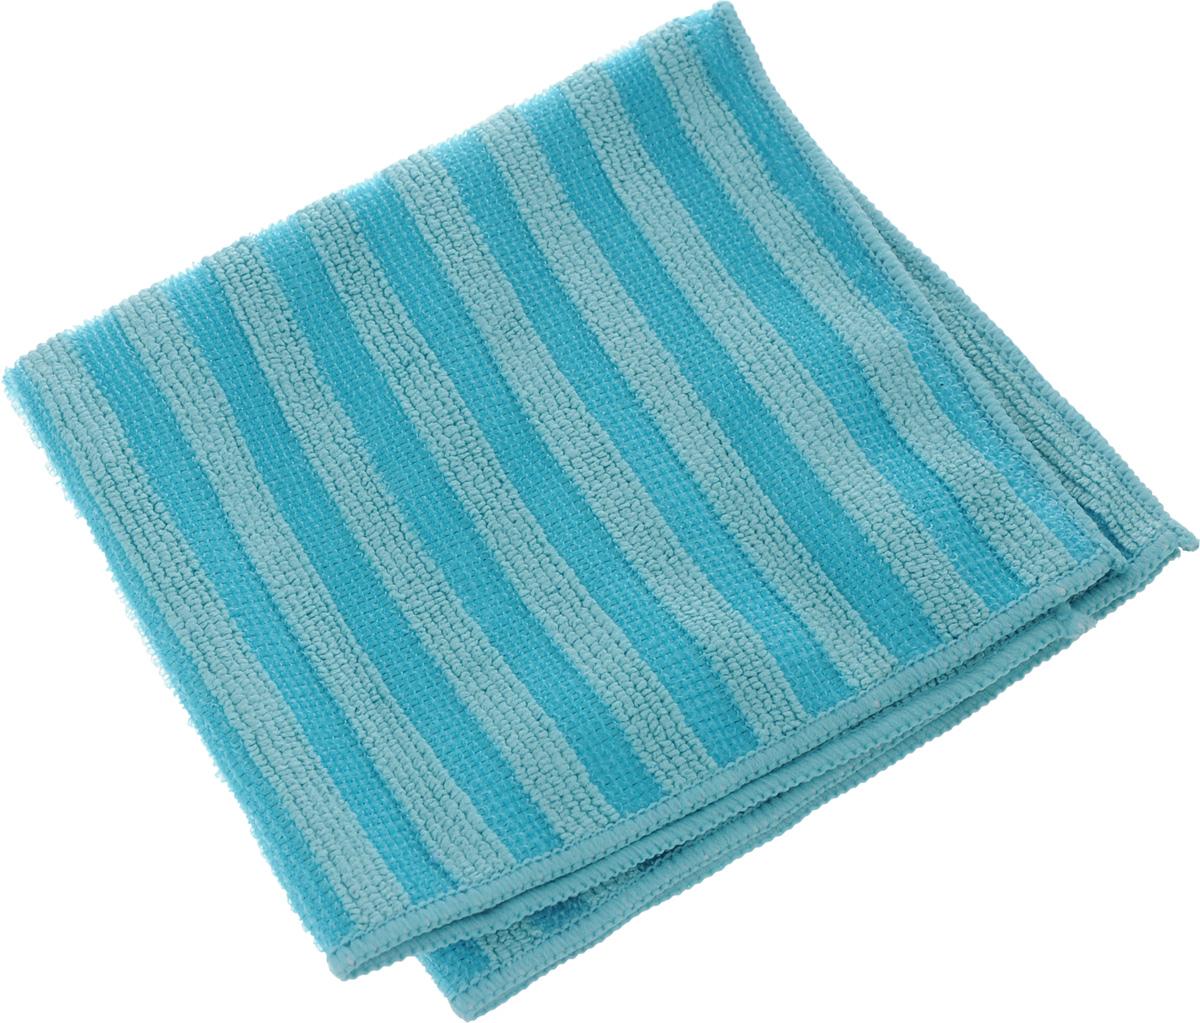 Салфетка Sol Crystal из микрофибры, двухсторонняя, цвет: голубой, 30 x 30 см20004/70014_голубойСалфетка Sol Crystal выполнена из микрофибры с разносторонним плетением: одна сторона с абразивными полосками удаляет стойкие загрязнения и известковый налет, другая - мягко полирует поверхности и хорошо впитывает влагу. Можно применять различные моющие средства. Устойчива к деформациям при машинной стирке. Не оставляет разводов и ворсинок. Размер салфетки: 30 х 30 см.